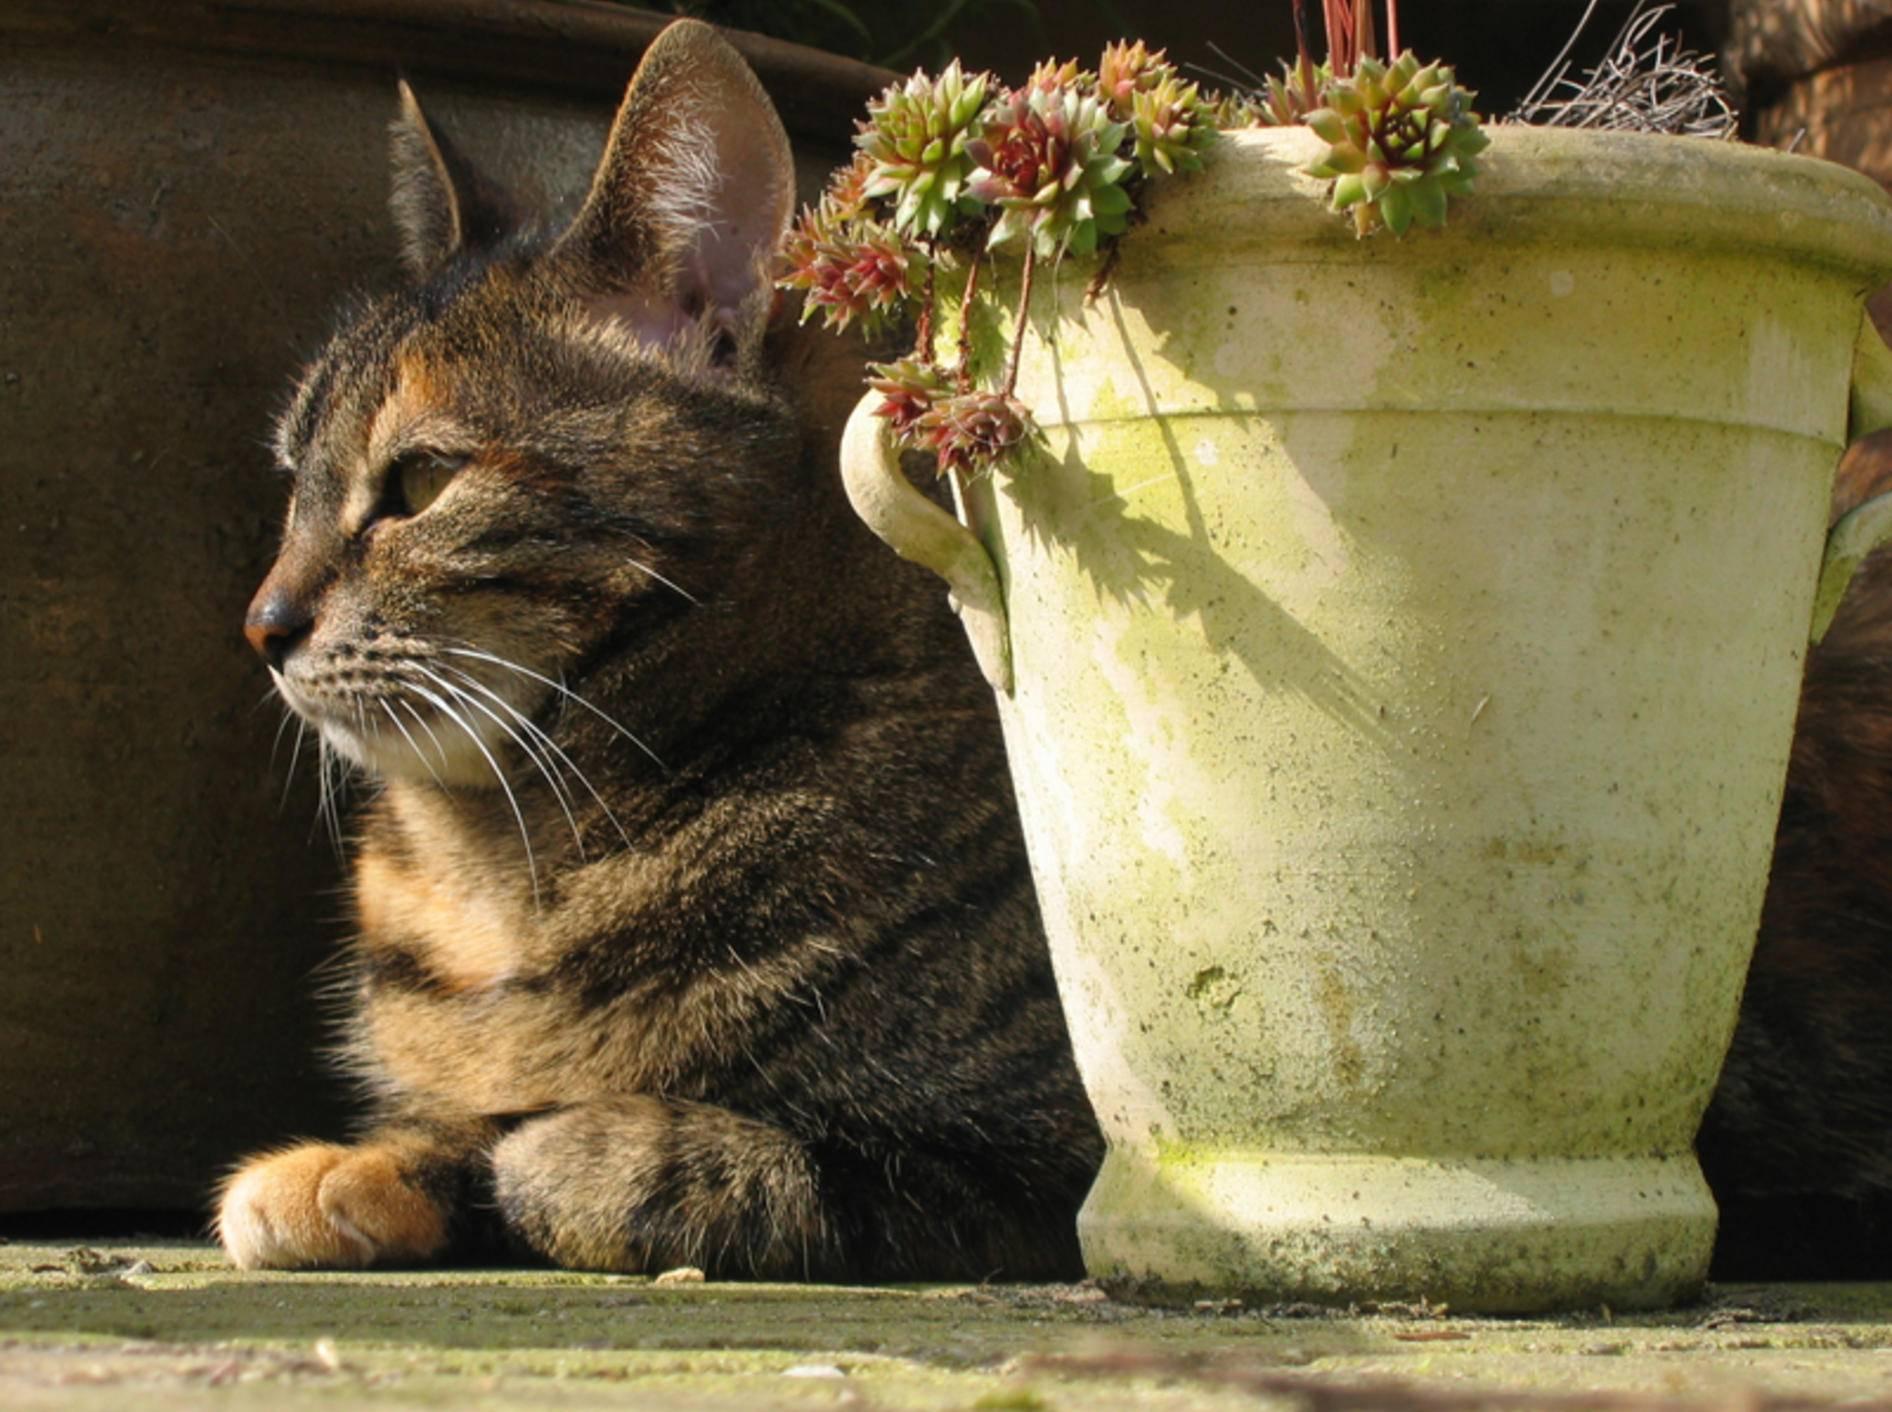 Topfpflanzen schützen Katzen vor einem Sonnenstich – Shutterstock / Keimpe Roedema